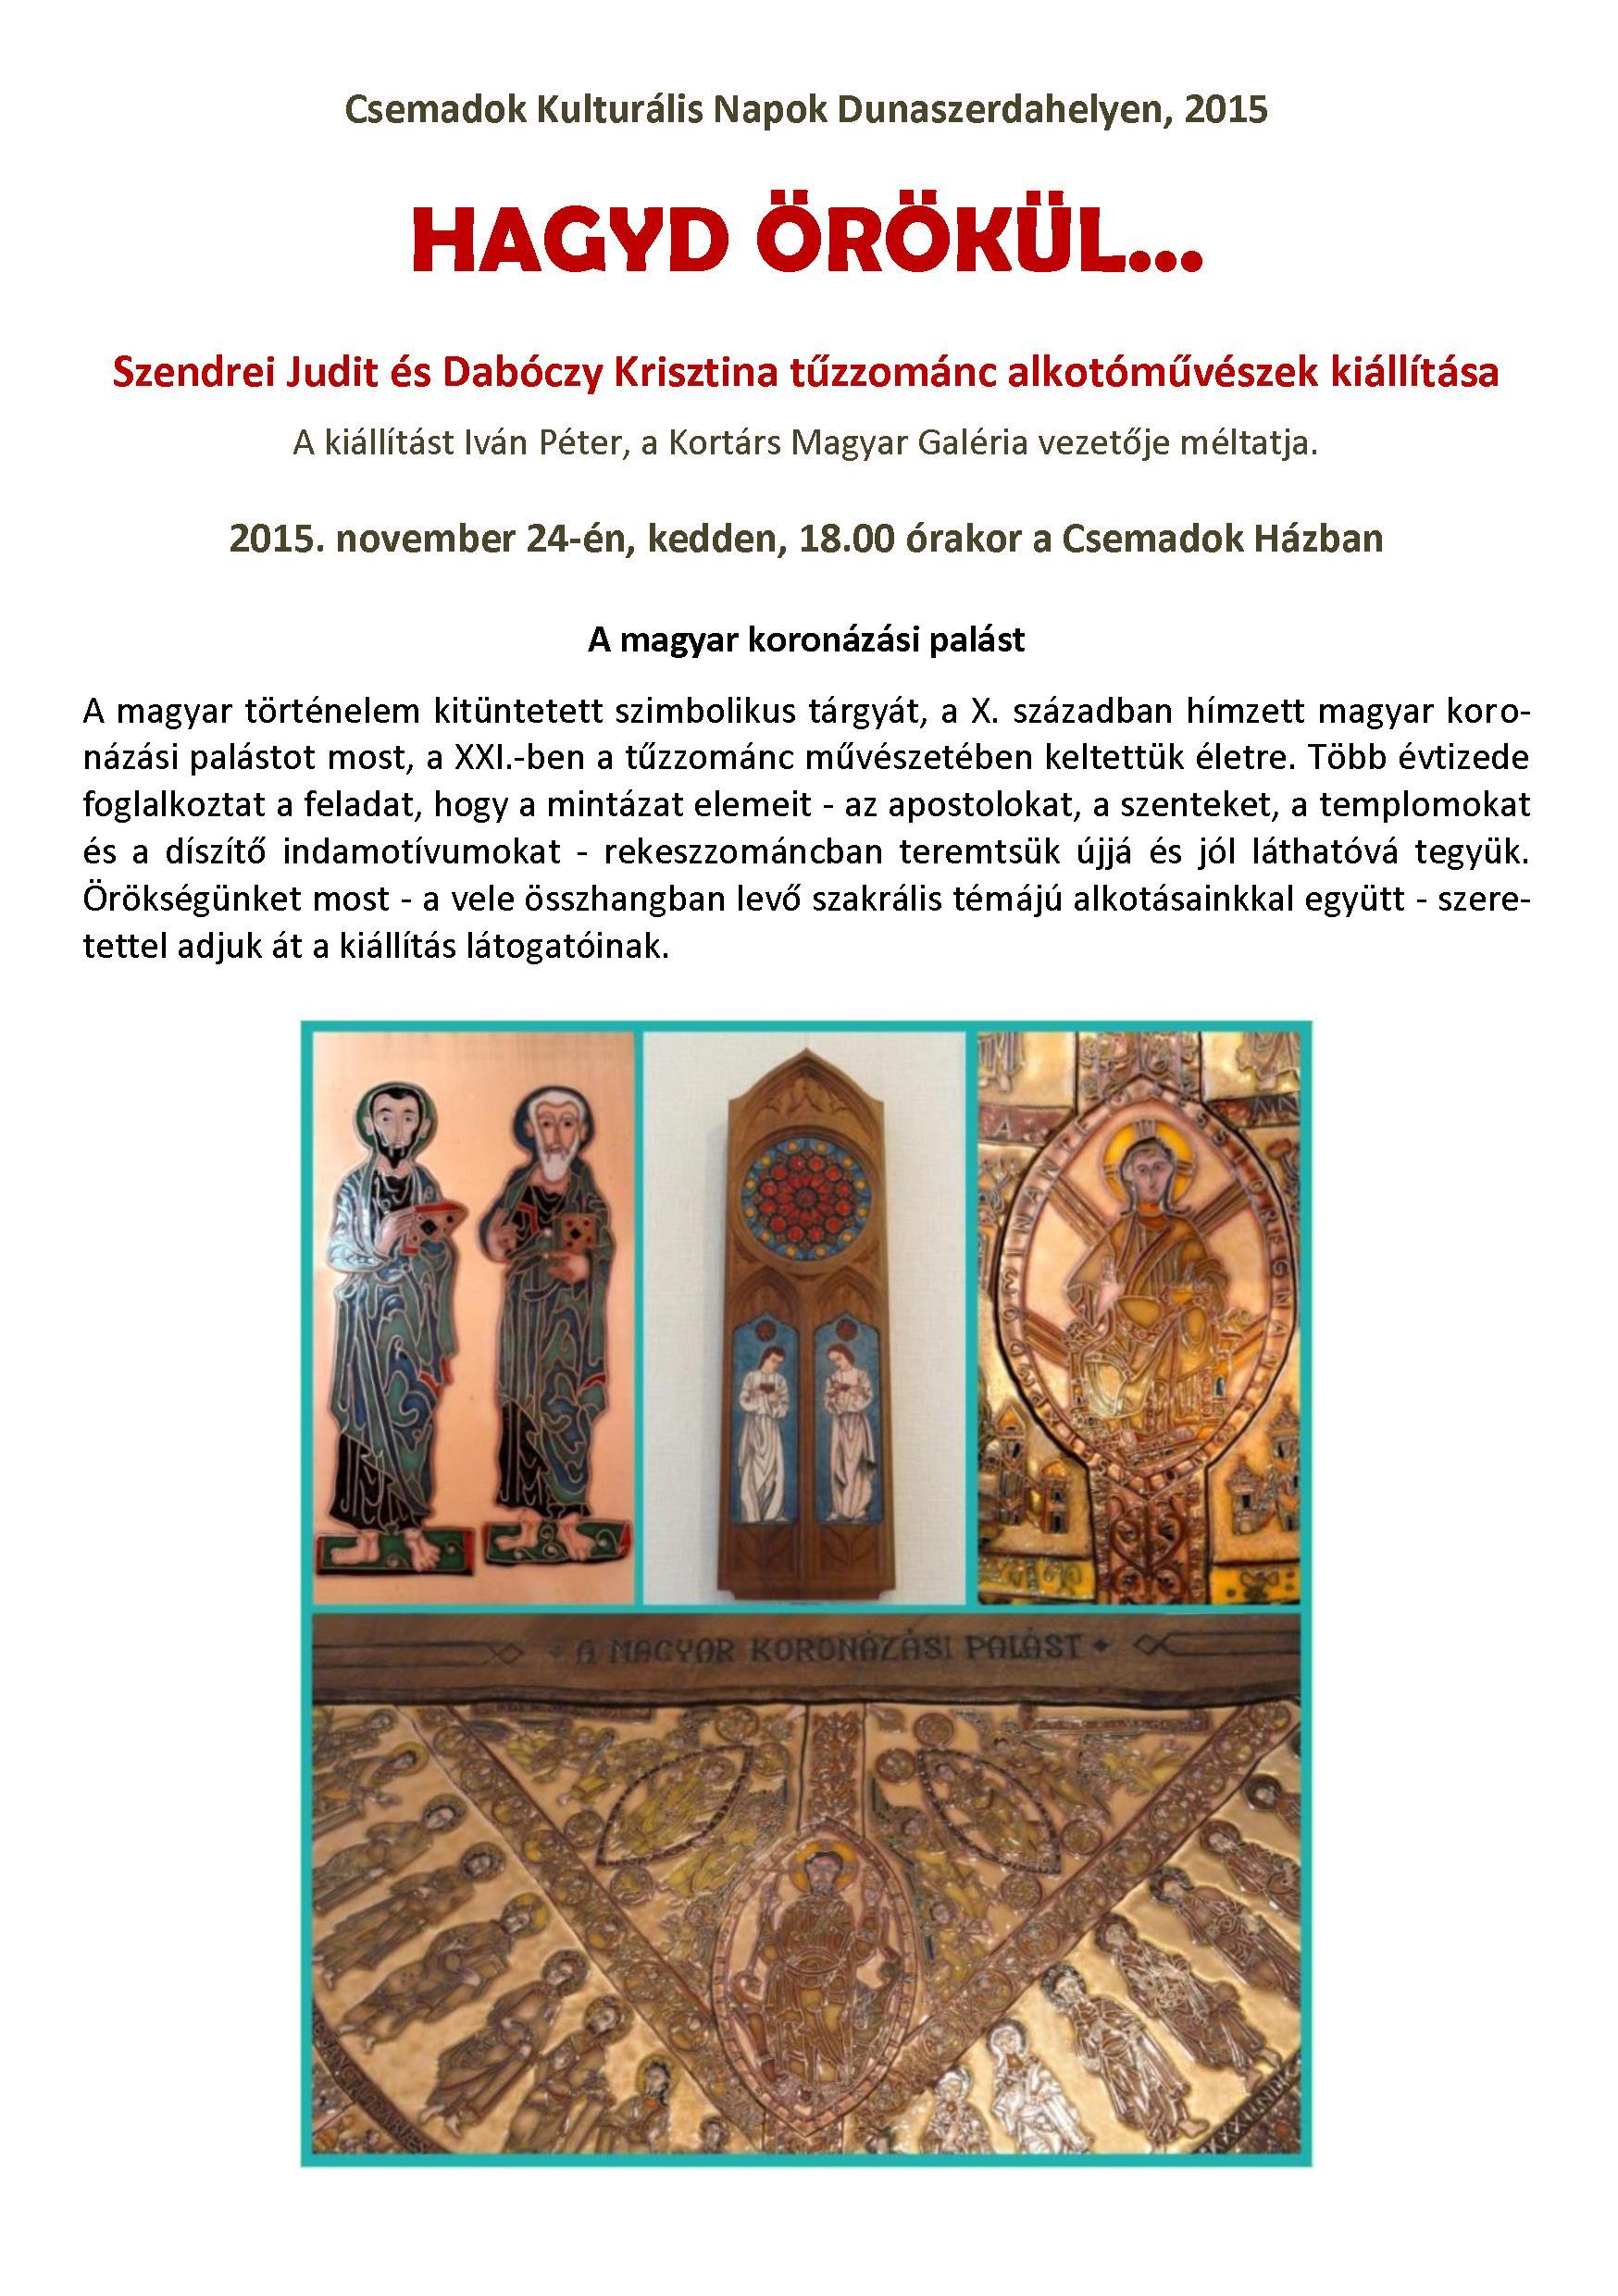 dunaszerdahely-csemadok-napok-program-2015-6